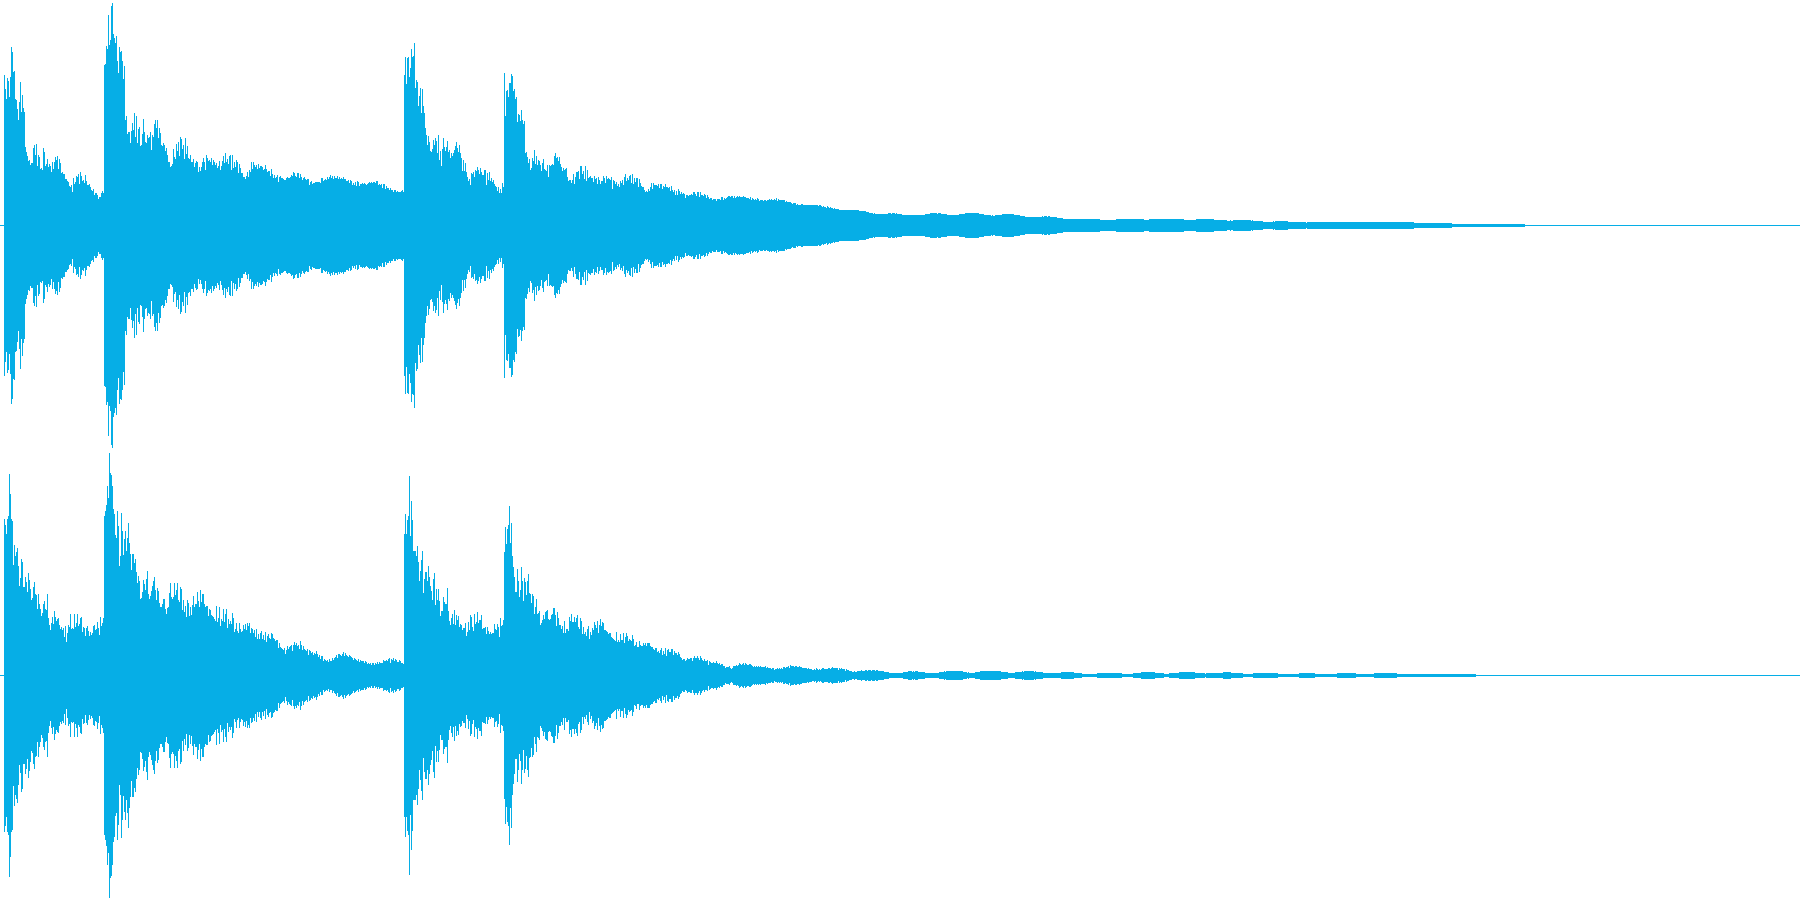 カーンカーン 西洋の鐘の音2 リバーブ付の再生済みの波形